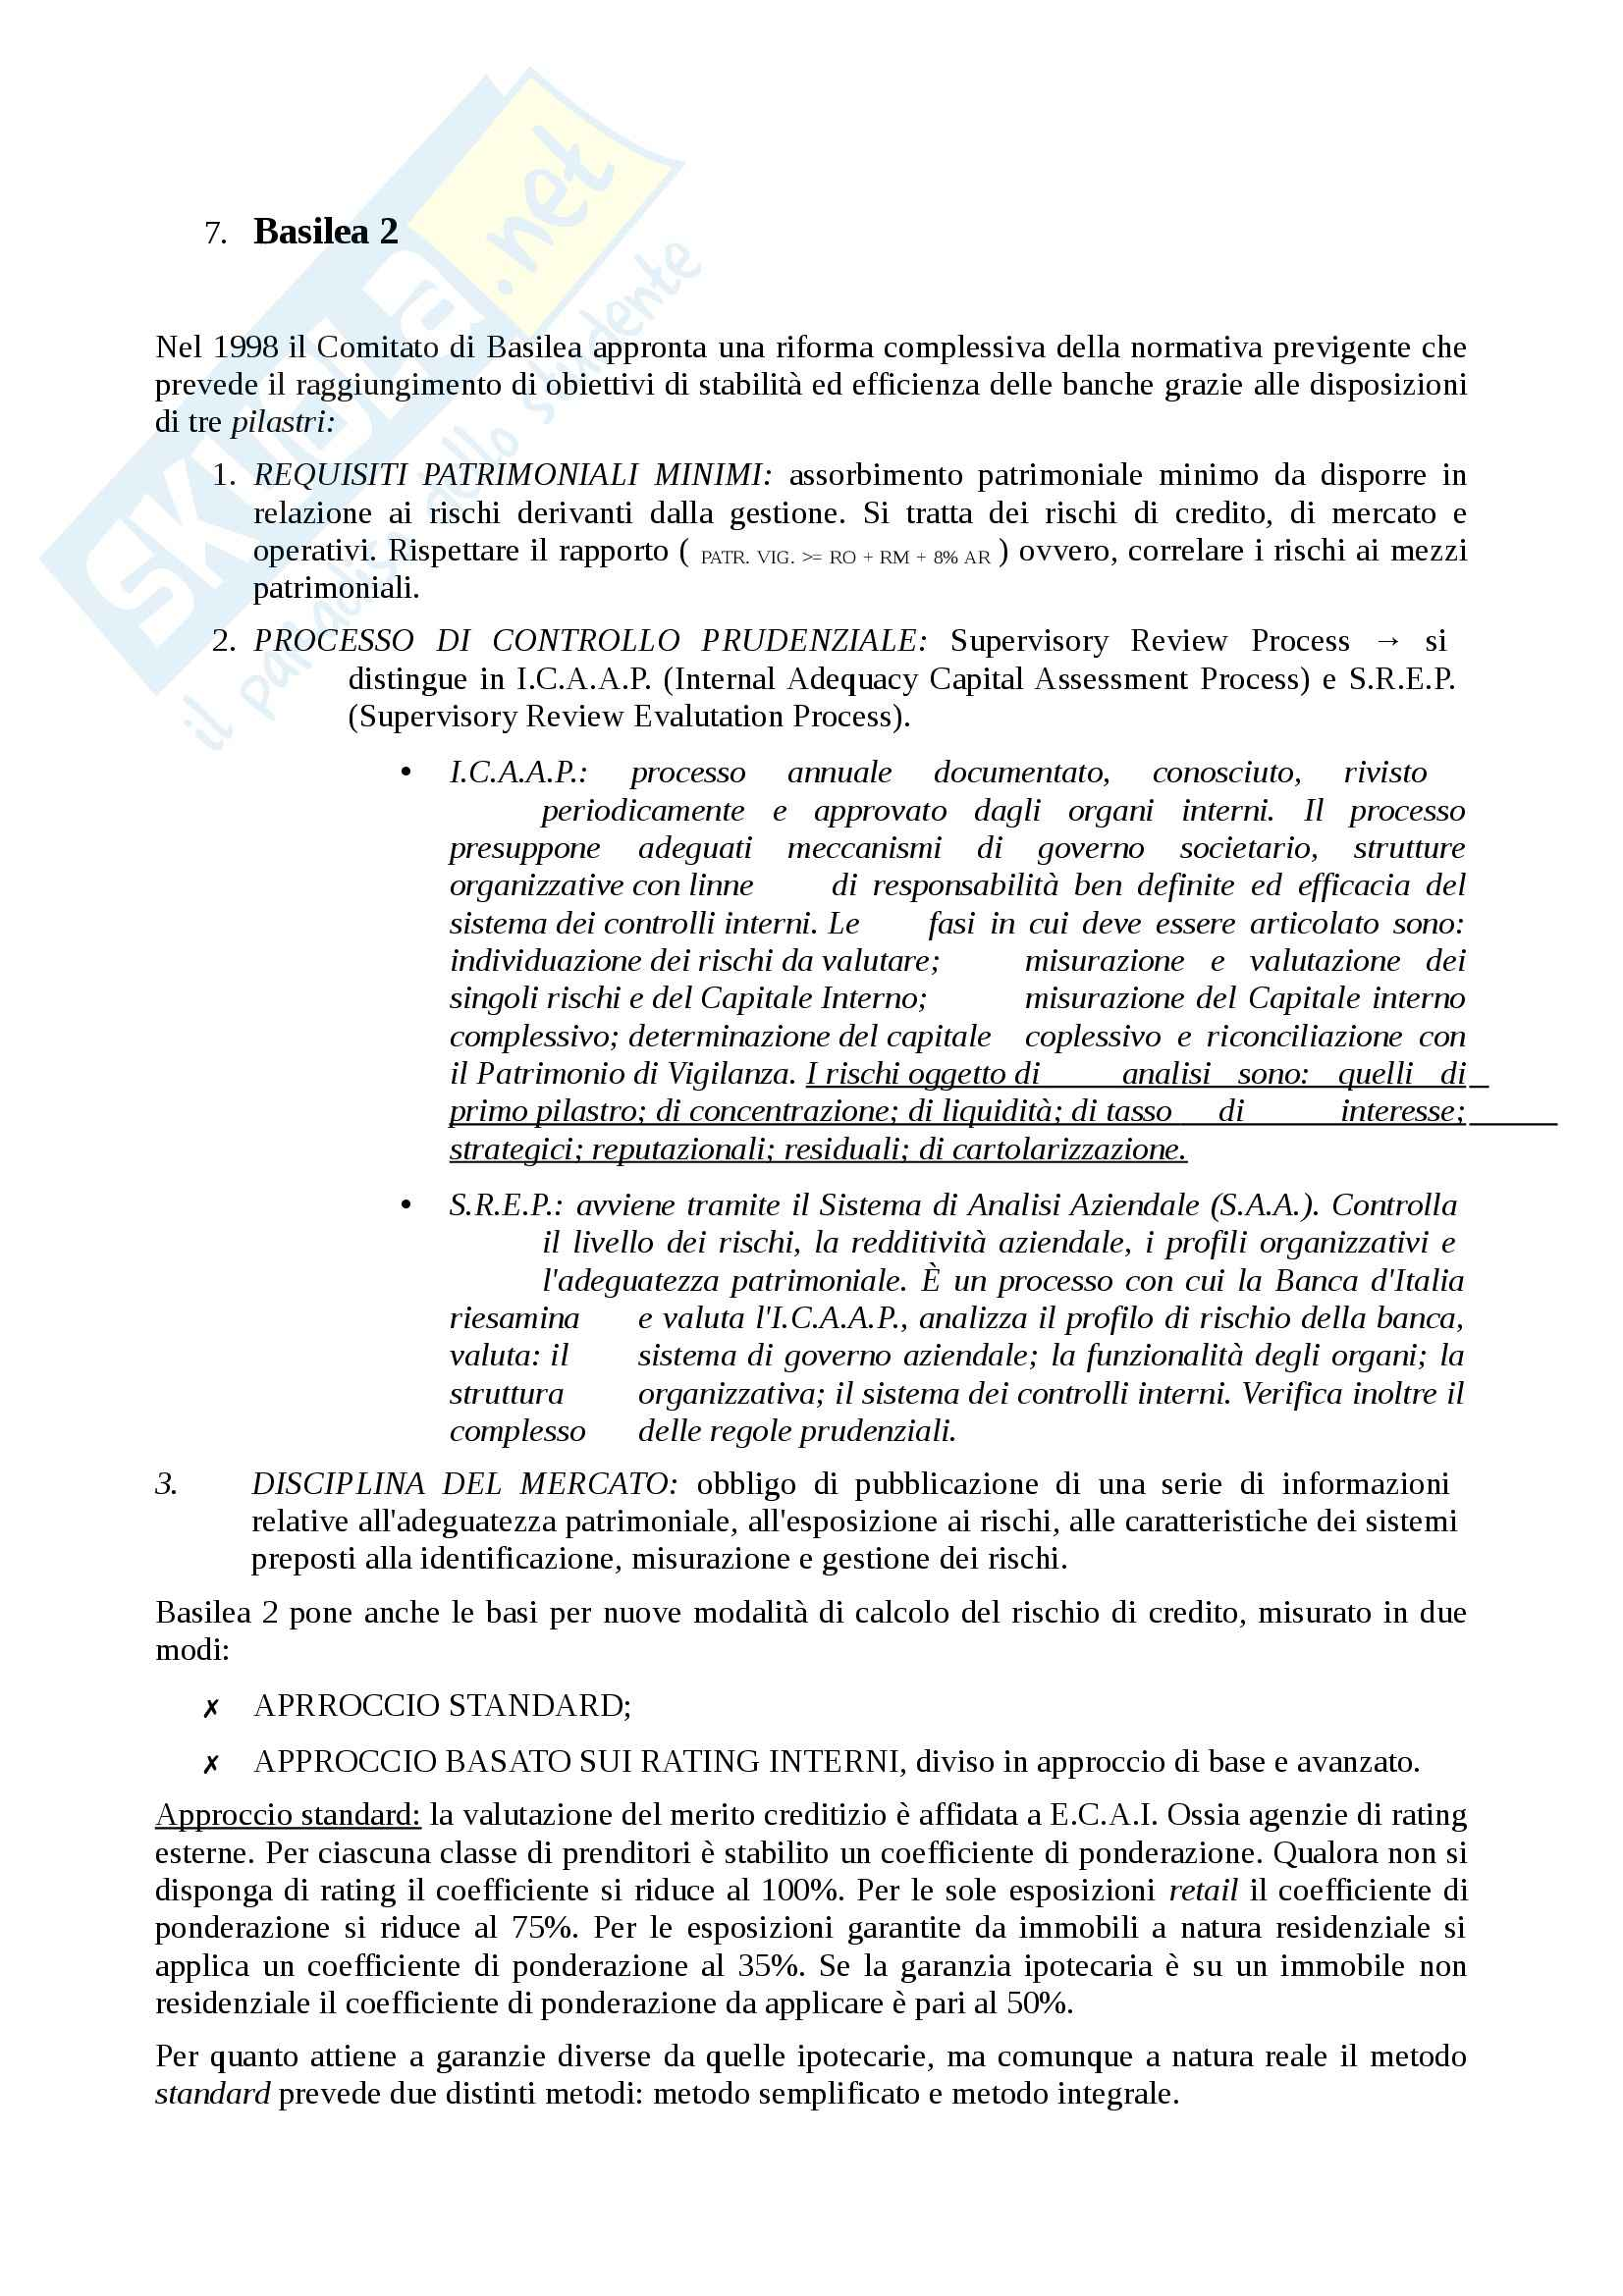 Economia degli intermediari finanziari - regolamentazione del sistema finanziario Pag. 6